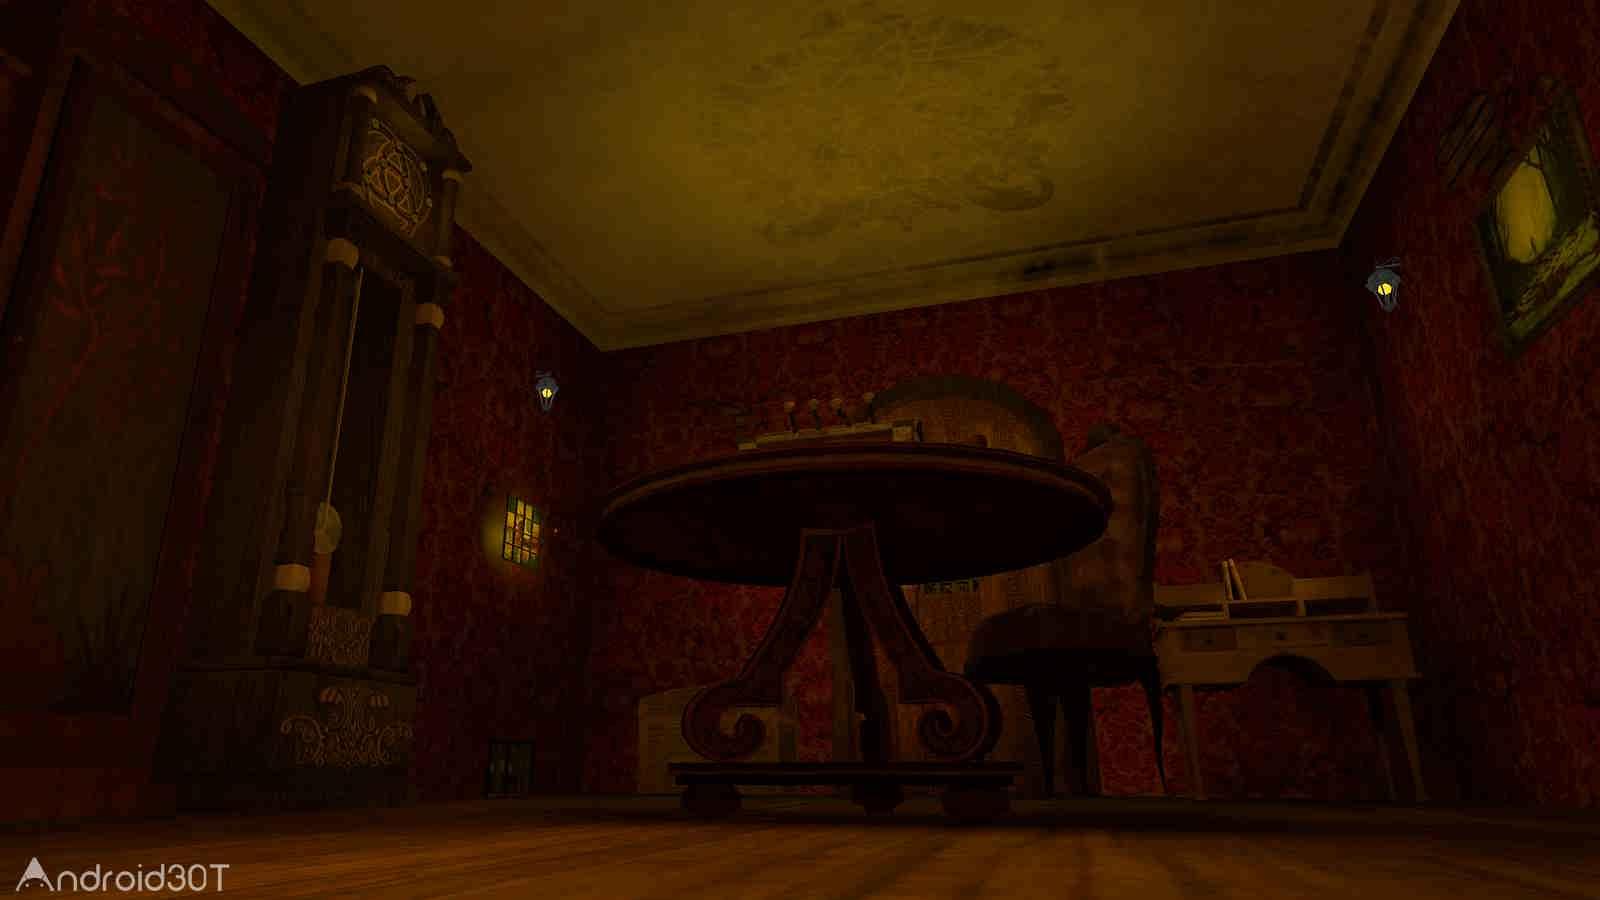 دانلود The Rabbit Hole – Escape the Room 1.10.0 – بازی ترسناک فرار از اتاق اندروید